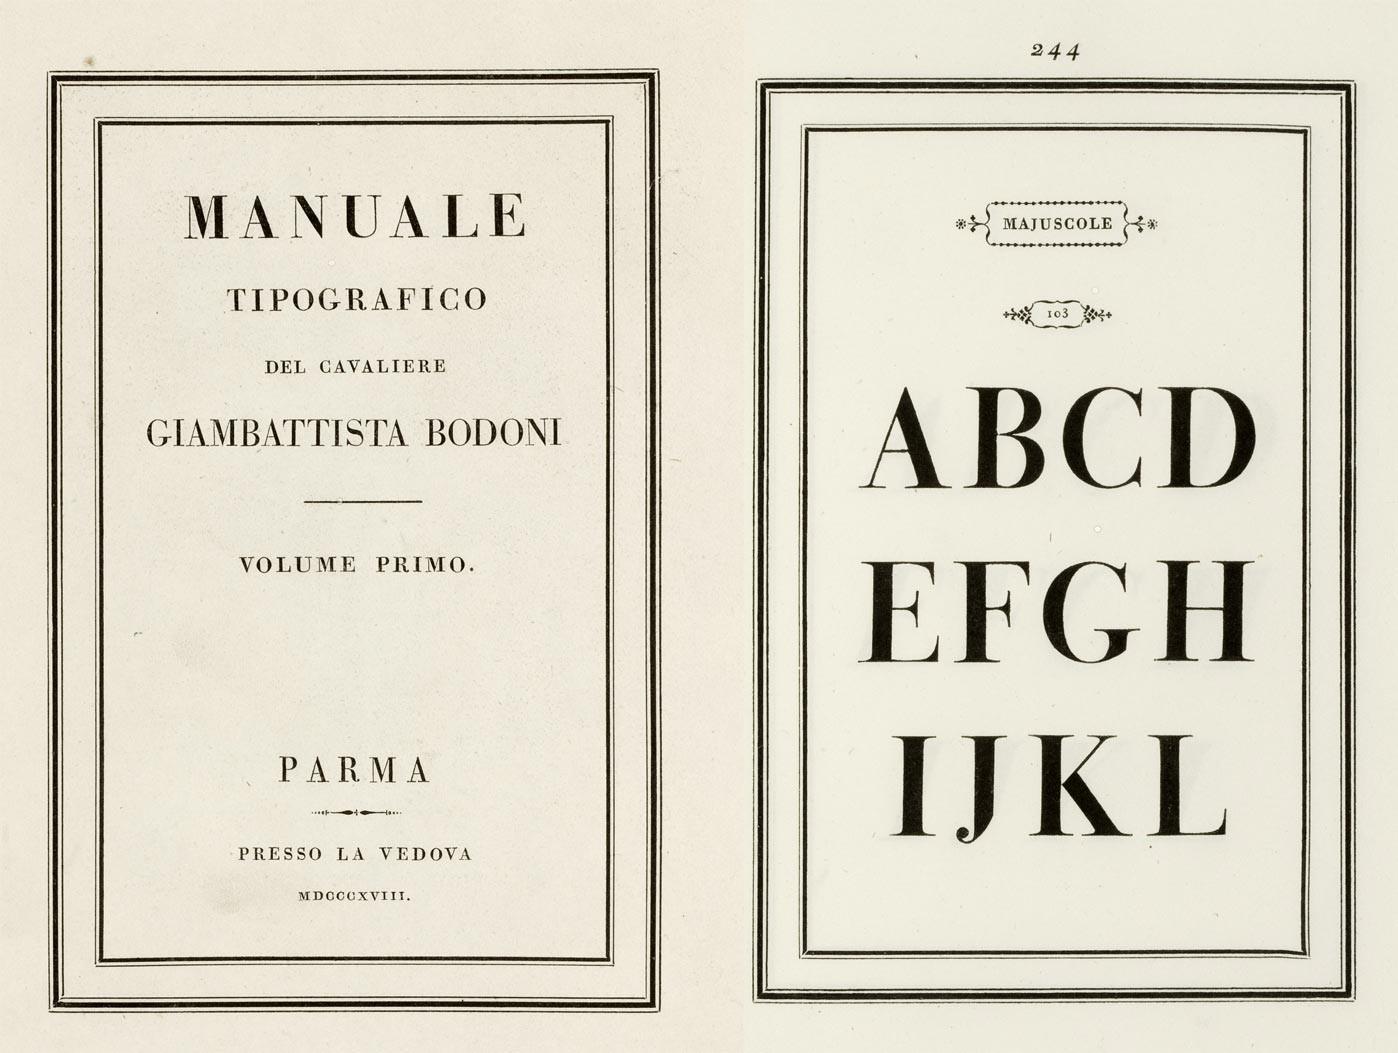 Il Manuale tipografico di Giambattista Bodoni